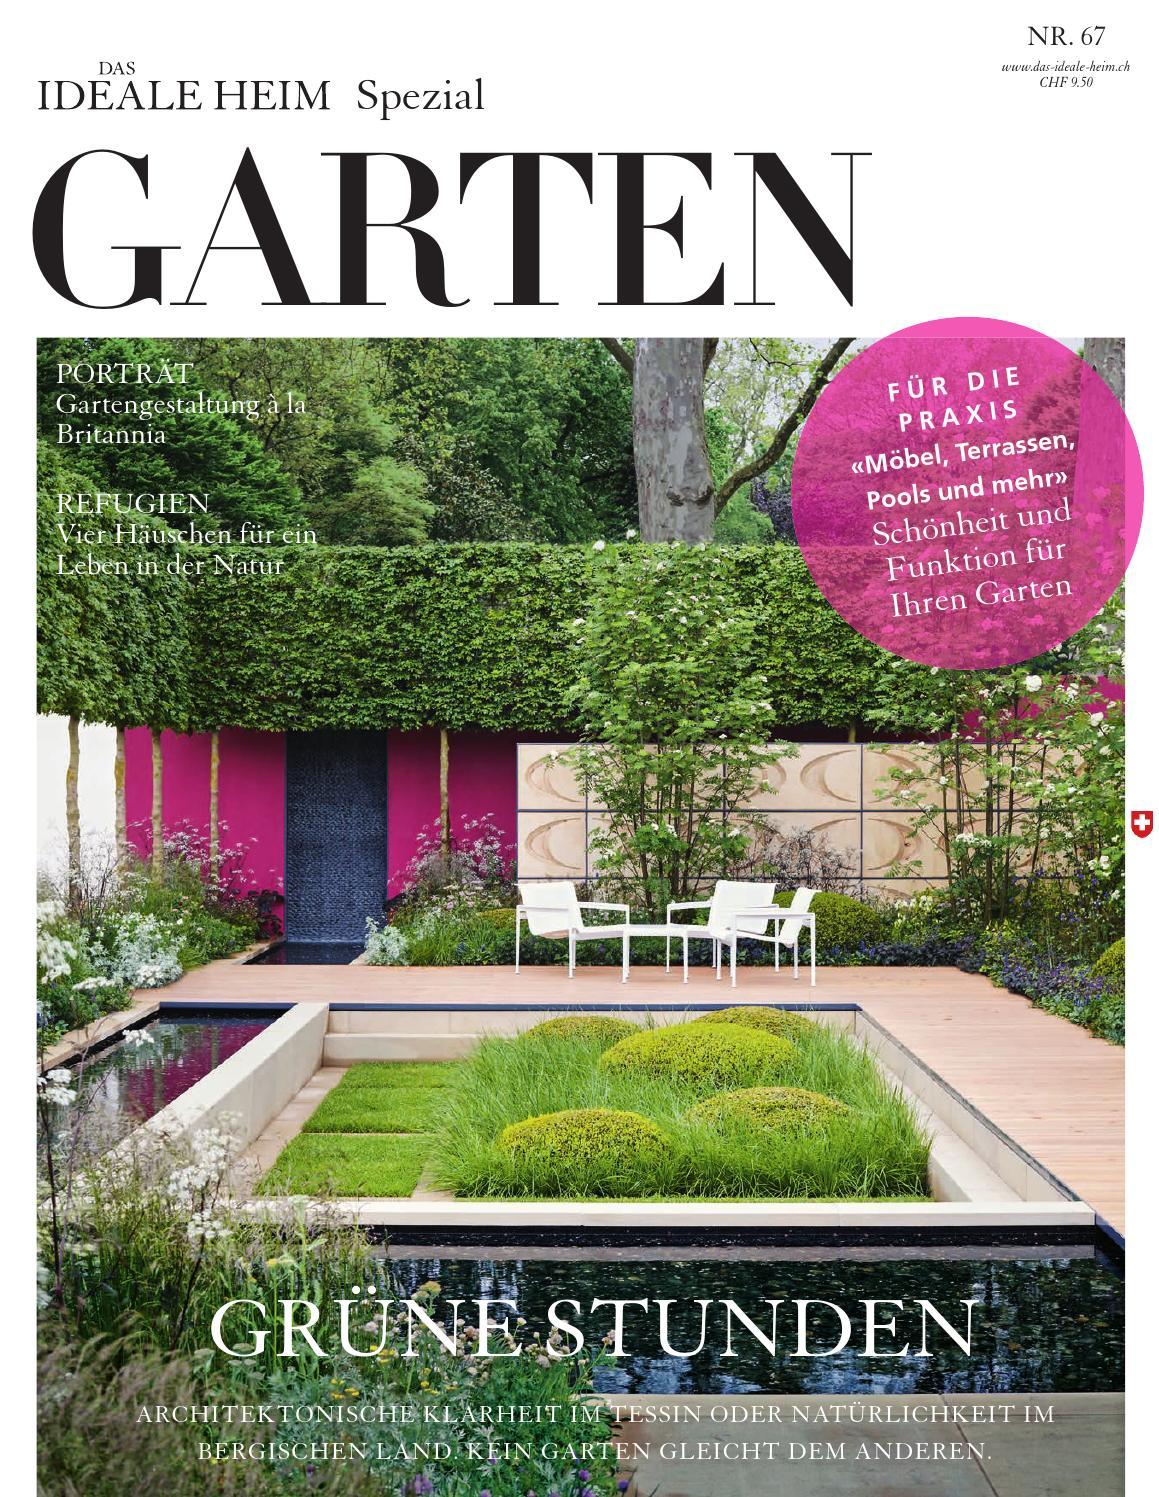 Das Ideale Heim Spezial GARTEN 2014 by Archithema Verlag issuu